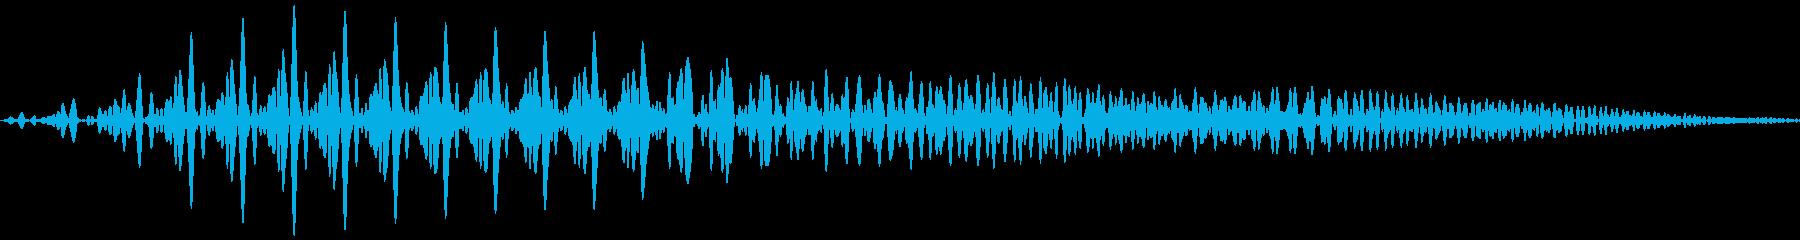 ぽよん(やわらかいもの当たった音)の再生済みの波形